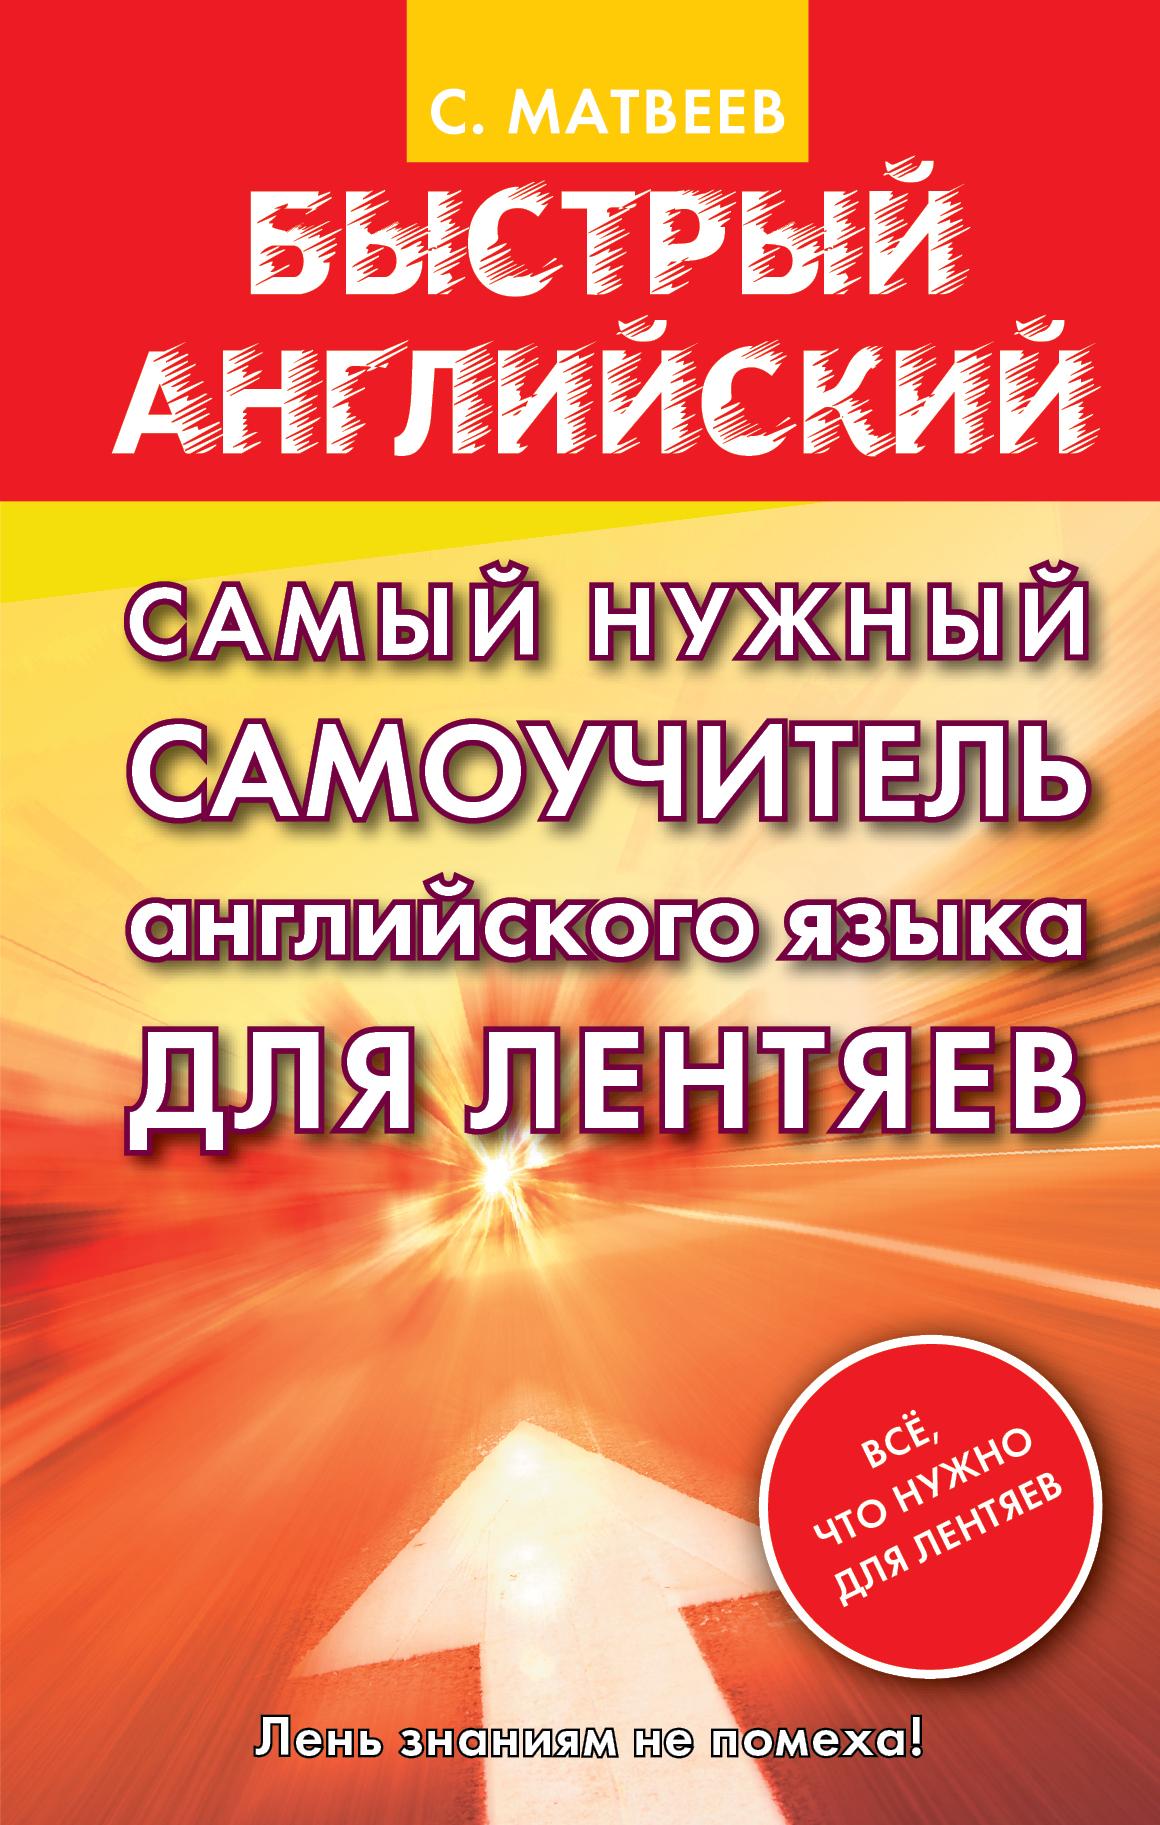 С. Матвеев Самый нужный самоучитель английского языка ДЛЯ ЛЕНТЯЕВ цена и фото